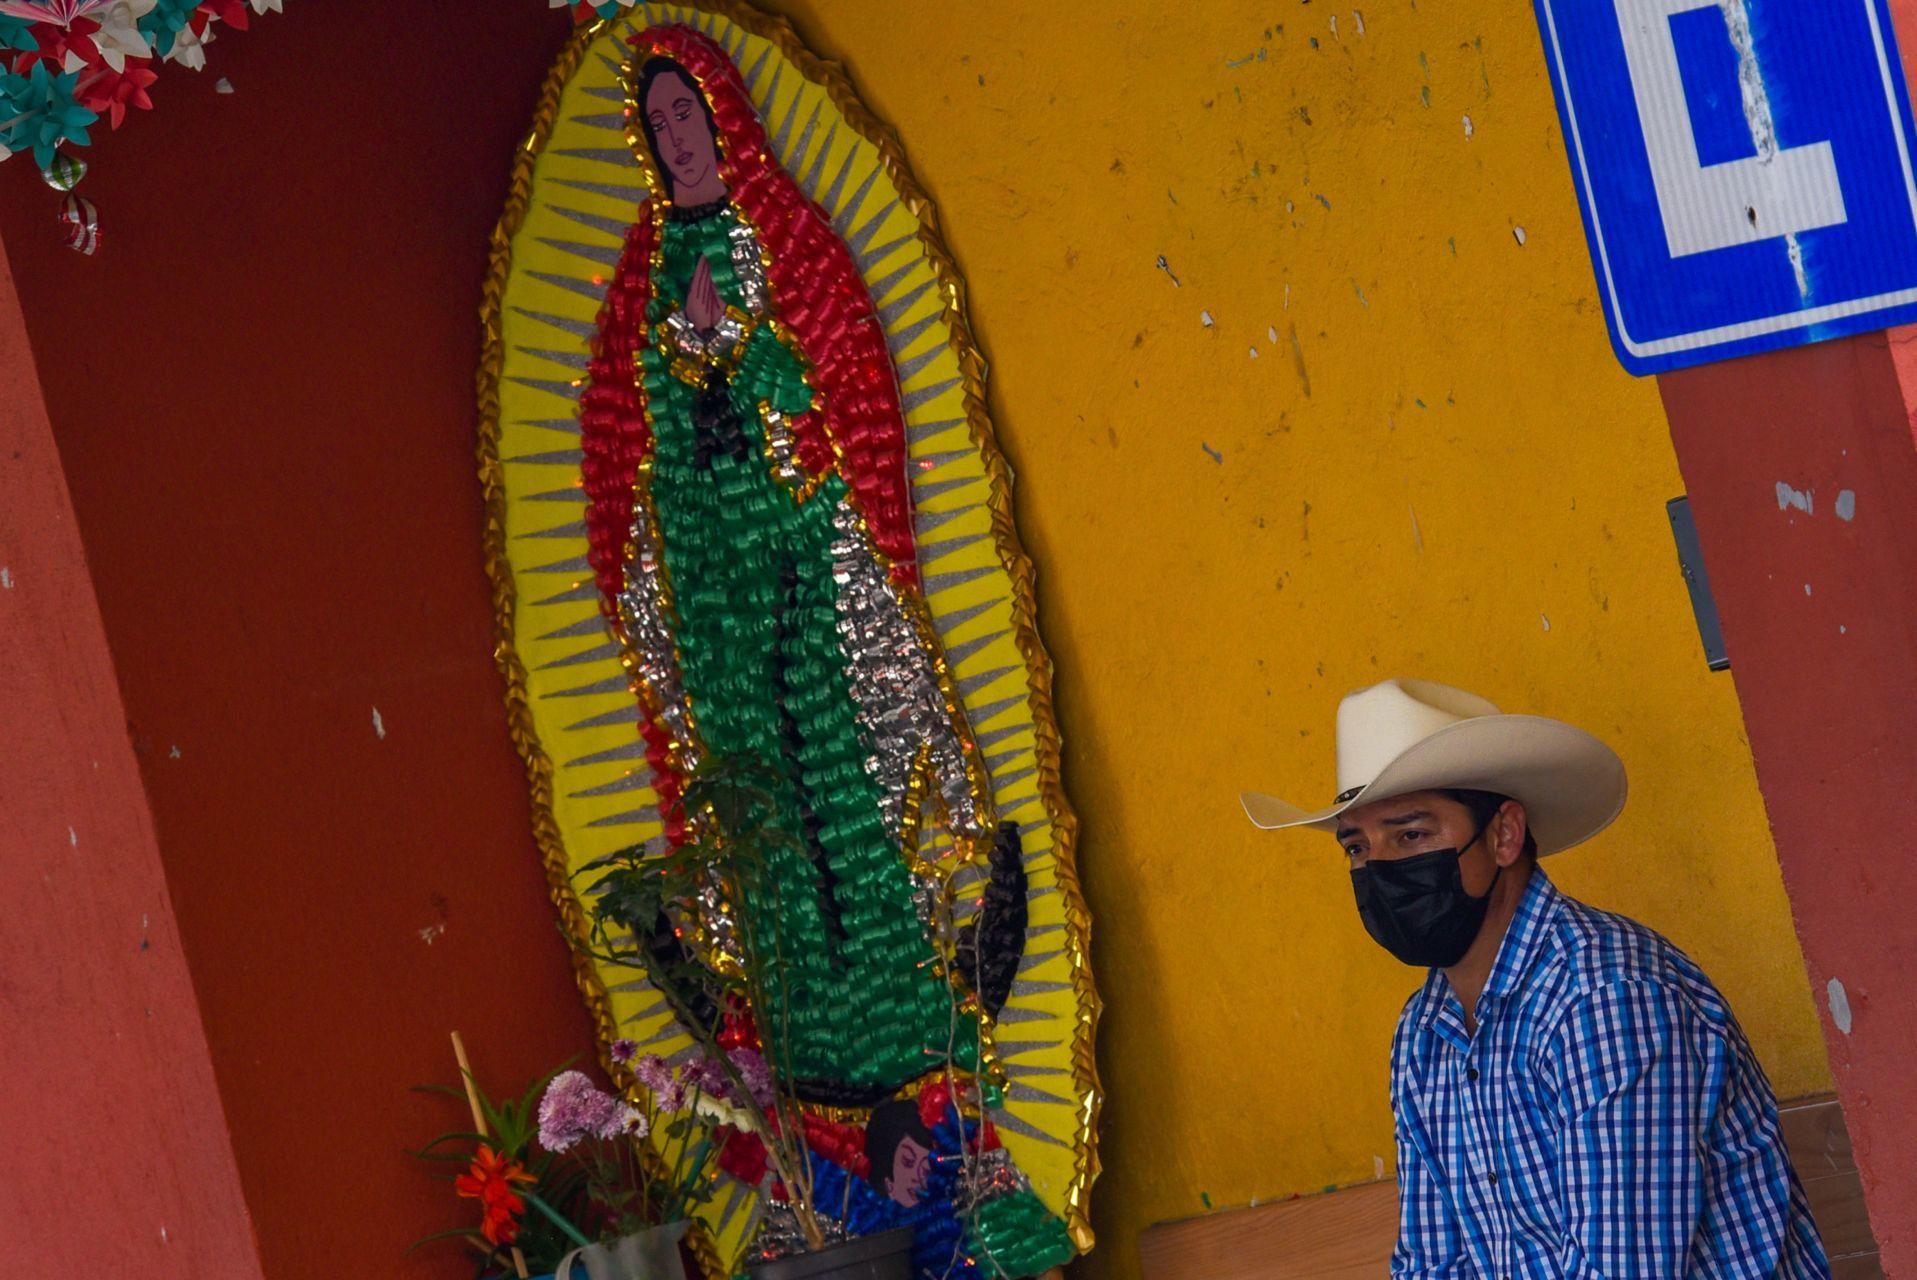 A unos días de la veneración de la Virgen de Guadalupe algunos altares en honor a la virgen Morena del Tepeyac ya están siendo adornados para la celebración del 12 de diciembre, que ante la contingencia por COVID-19 la Arquidiócesis de Toluca ha echo un llamado para no realizar festejos con reuniones, si no desde los hogares de los fieles católicos. Toluca, Estado de México, 10 de diciembre de 2020.